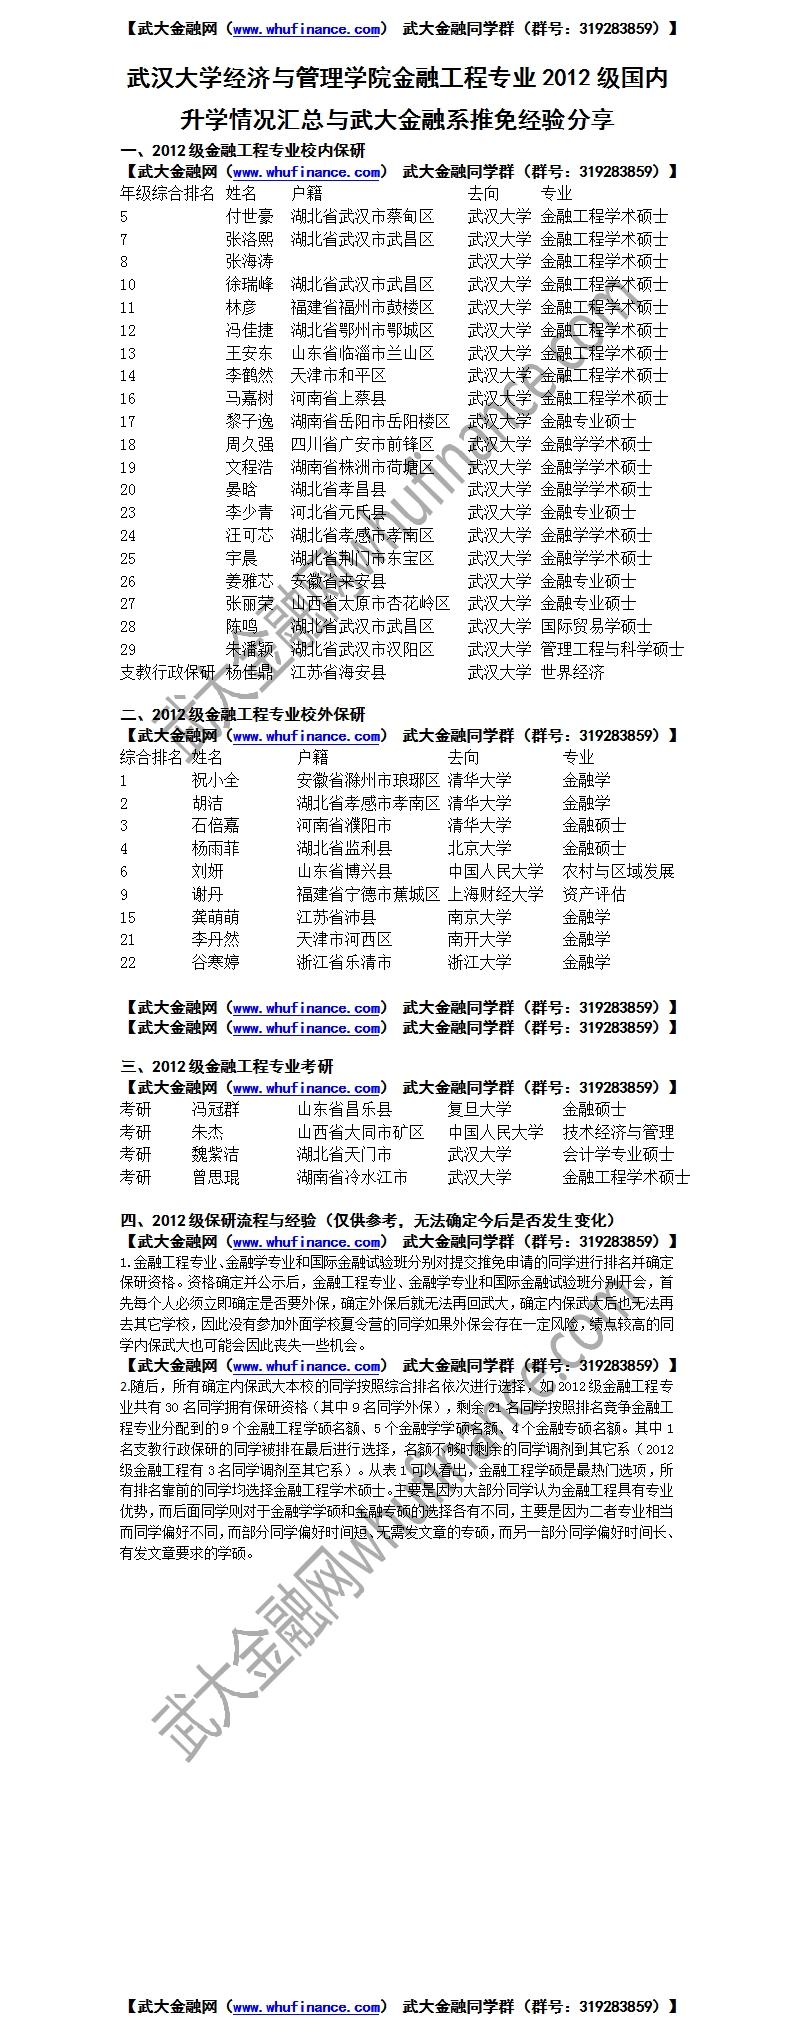 武汉大学经济与管理学院金融工程专业2012级国内升学情况汇总与武大金融系推免经验分享